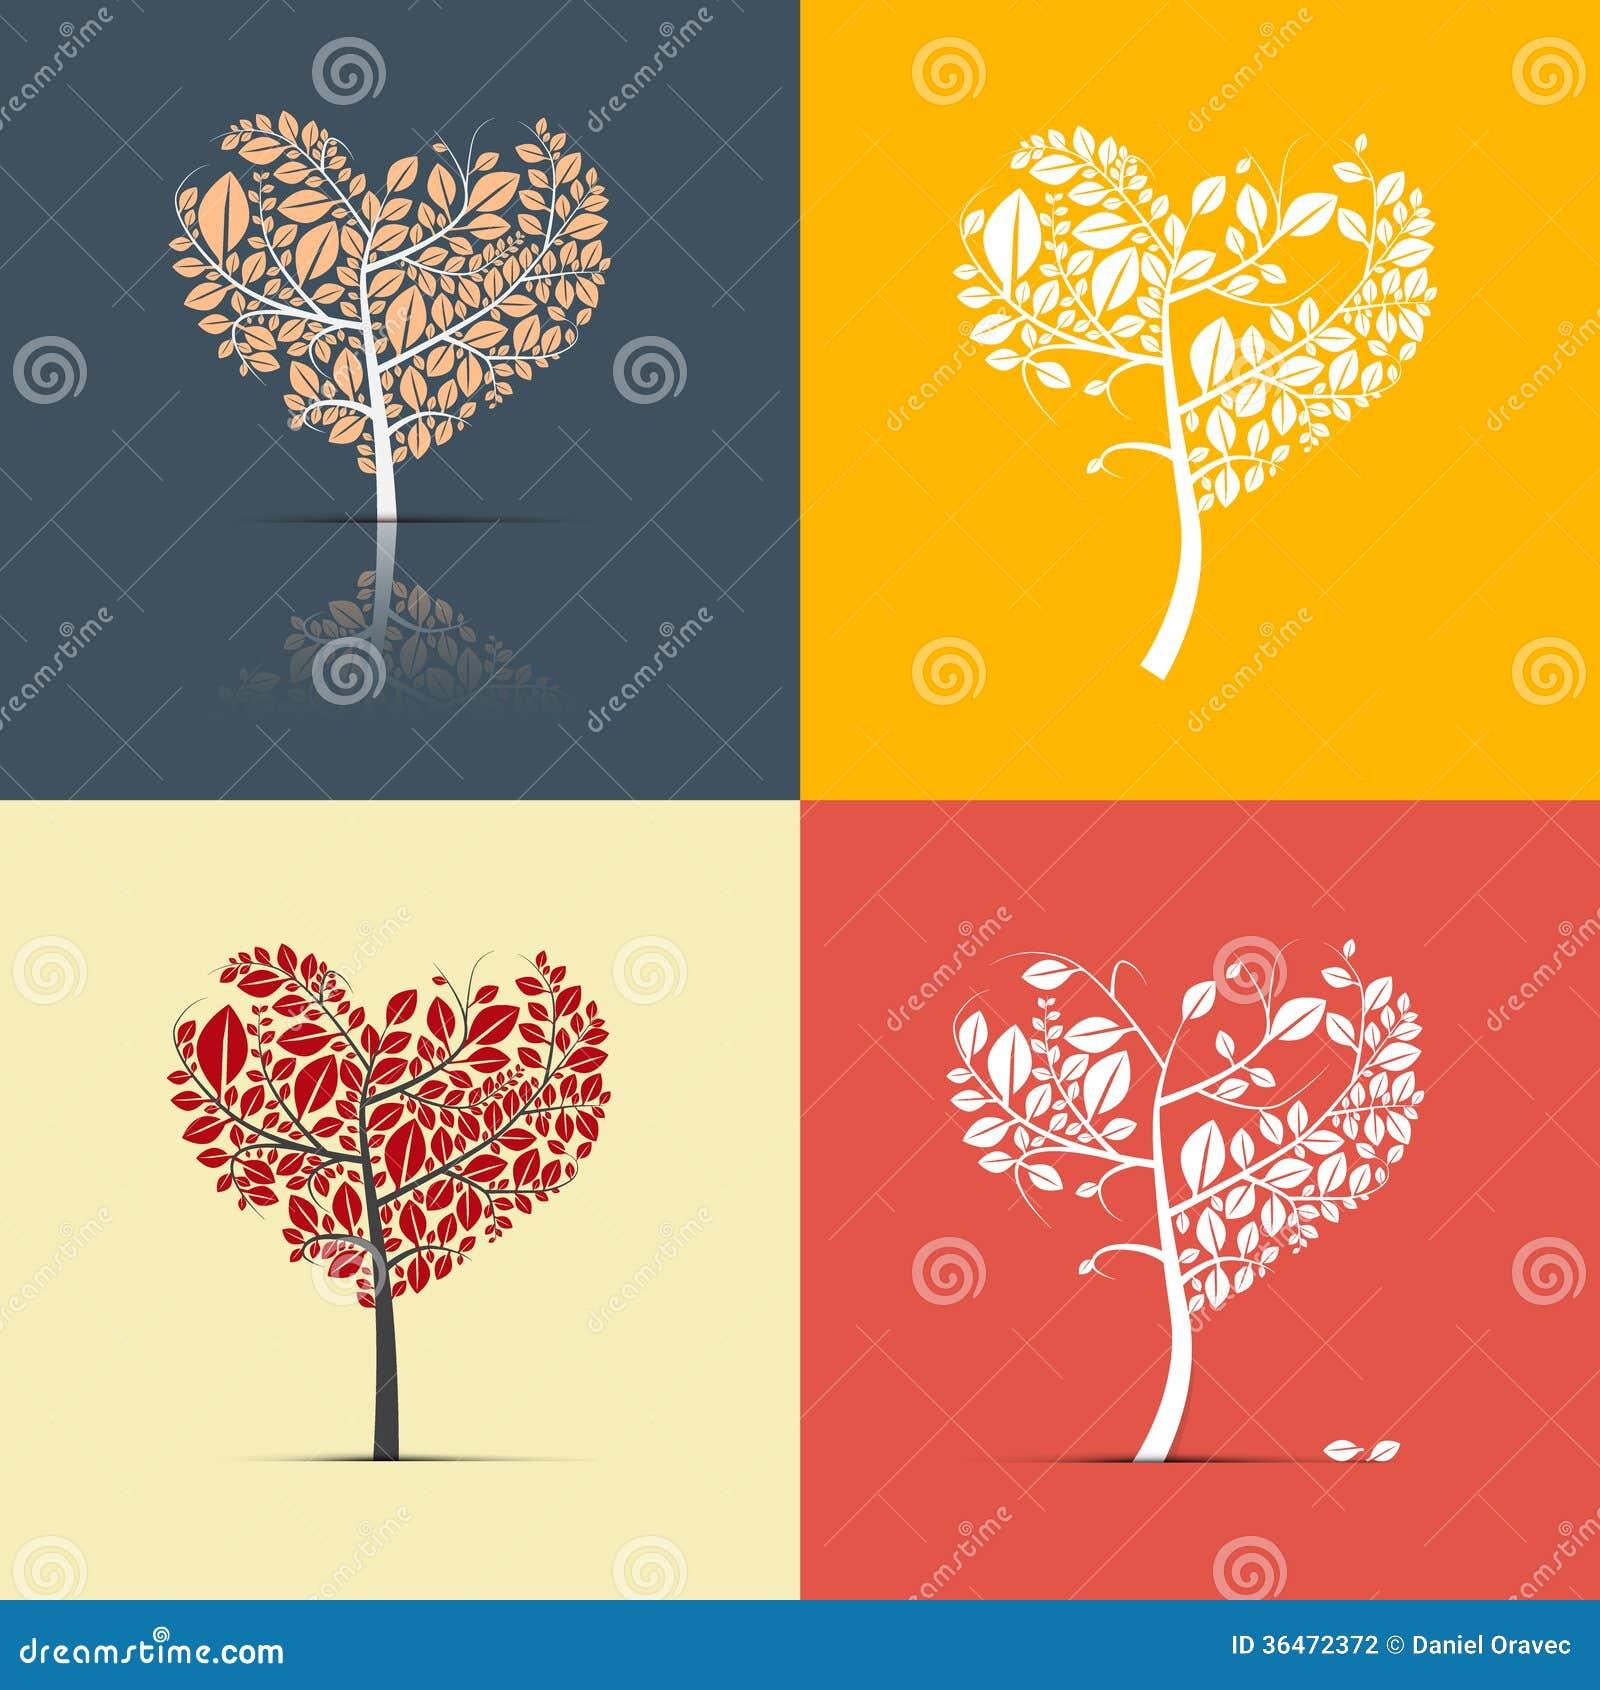 árboles En Forma De Corazón Abstractos En Fondo Retro Ilustración